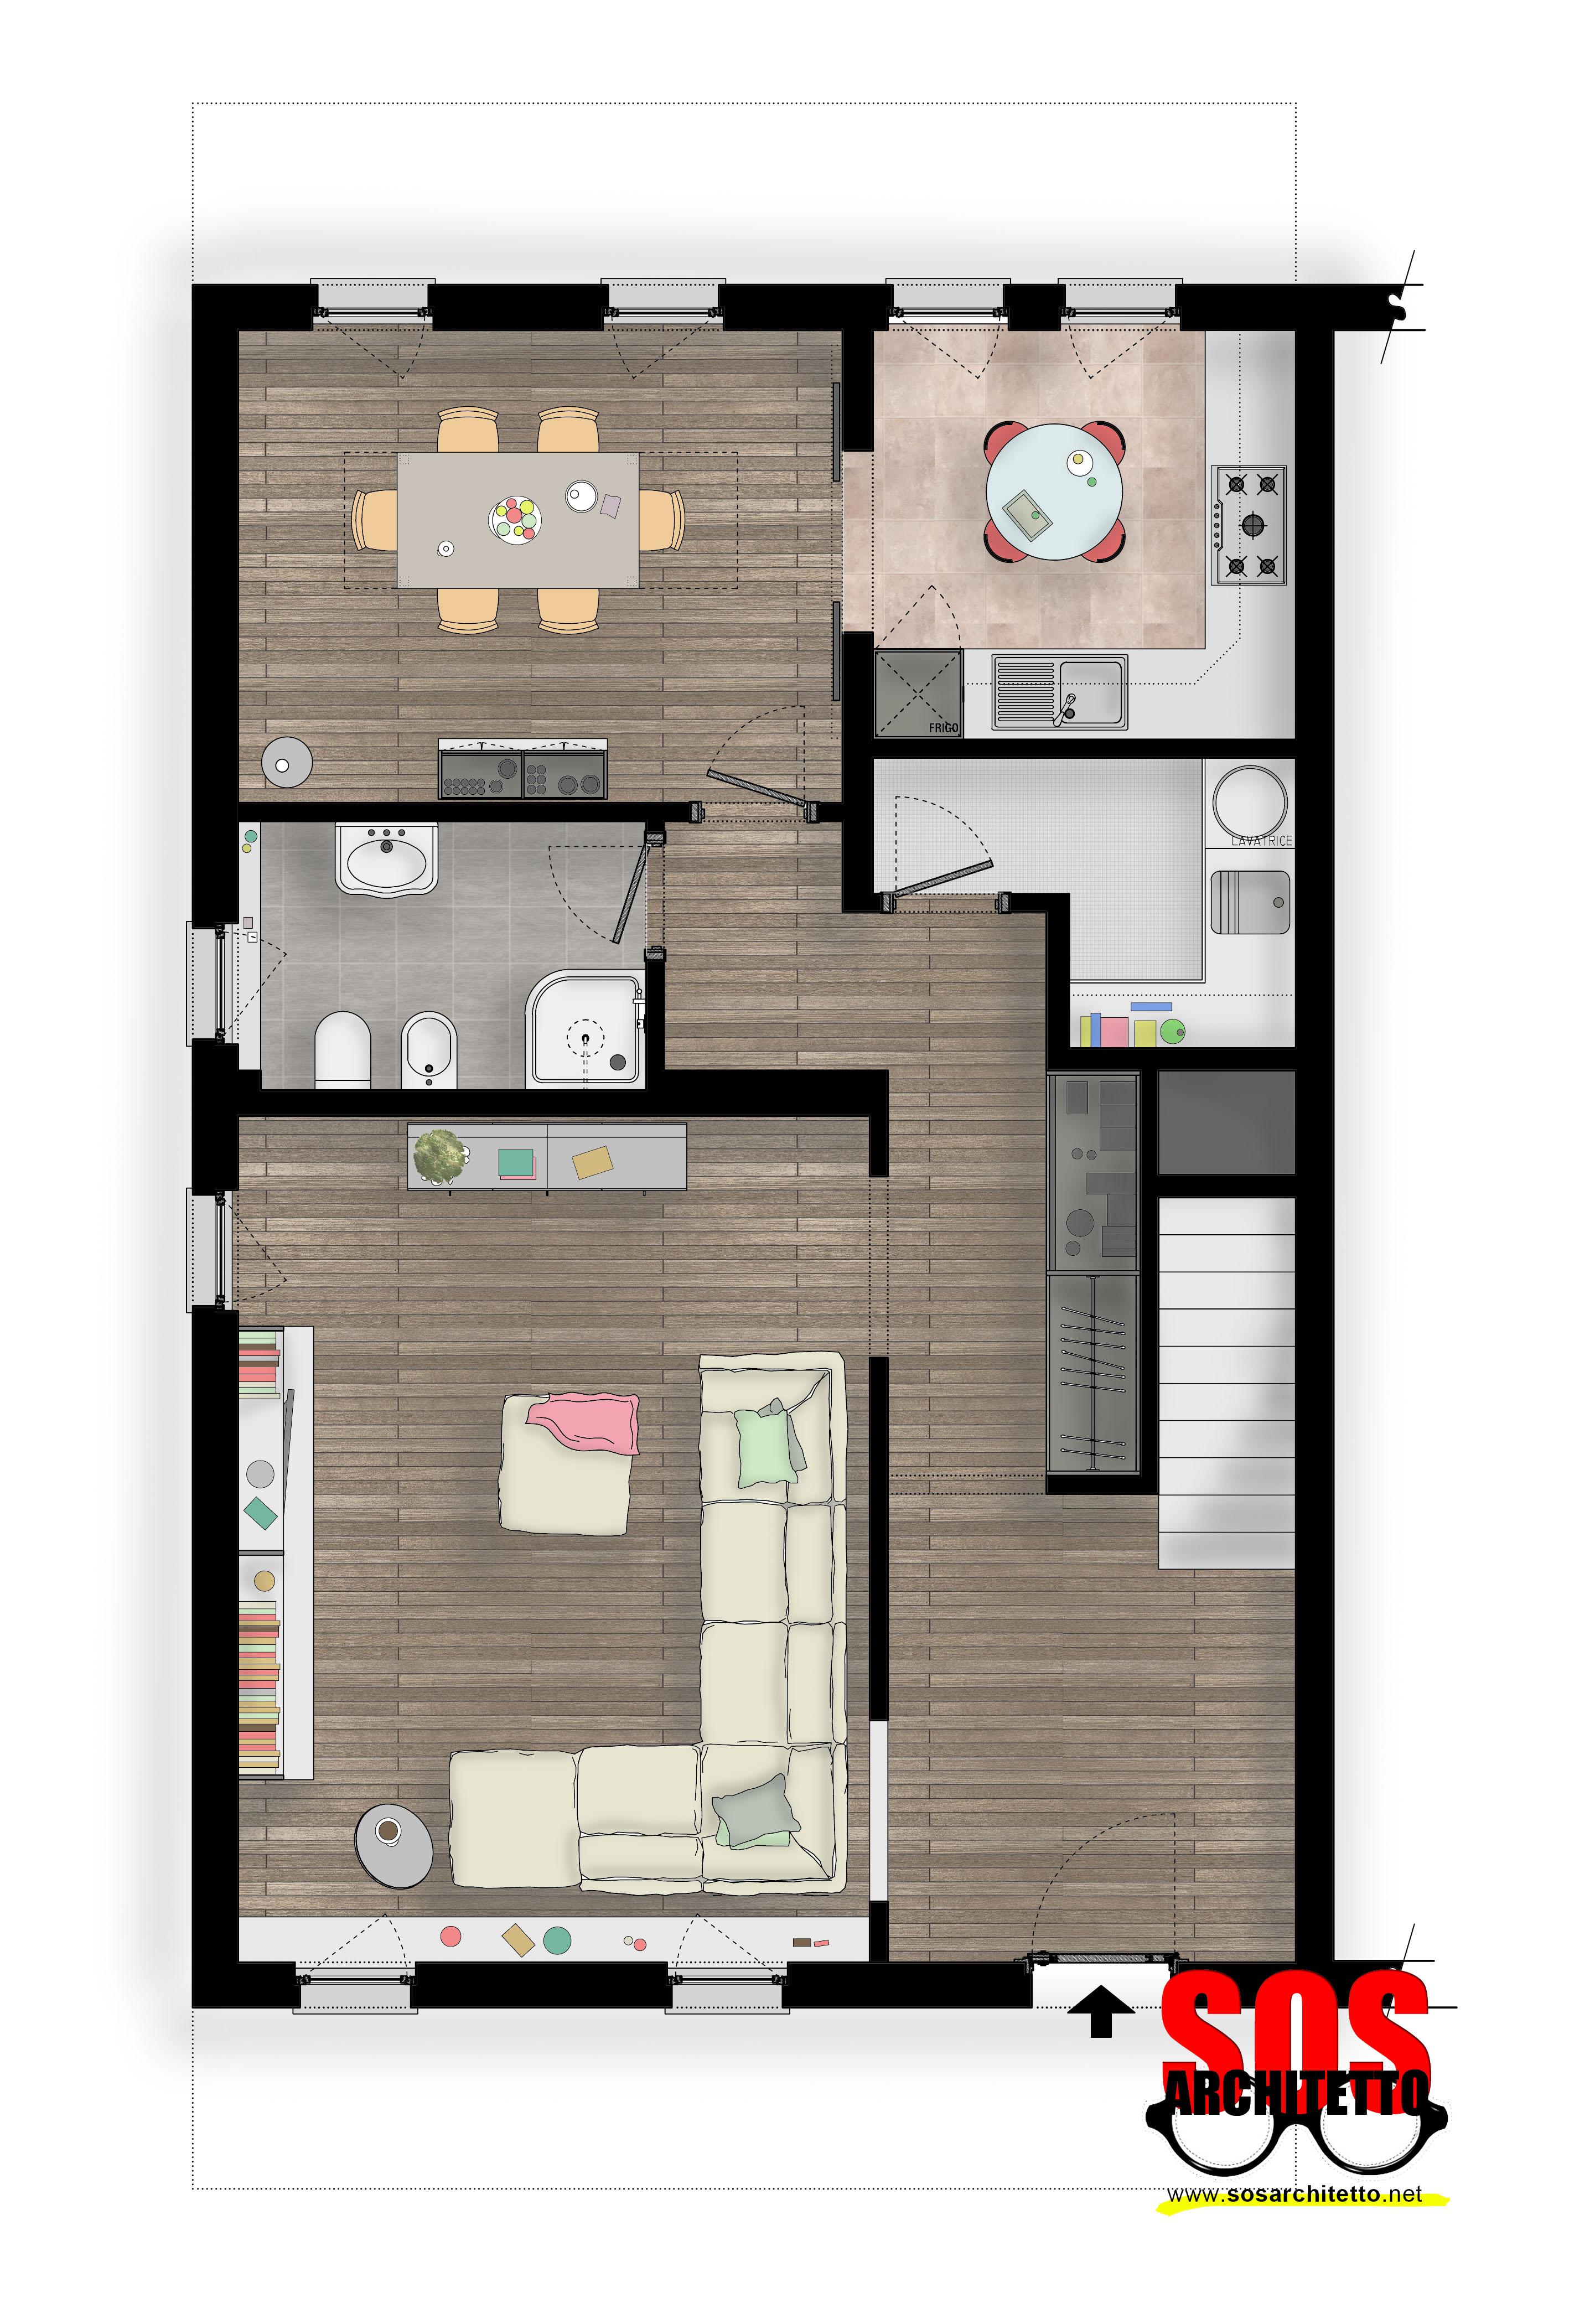 Casa progetto 014 sos architetto online andrea vertua - Progetto bagno online ...